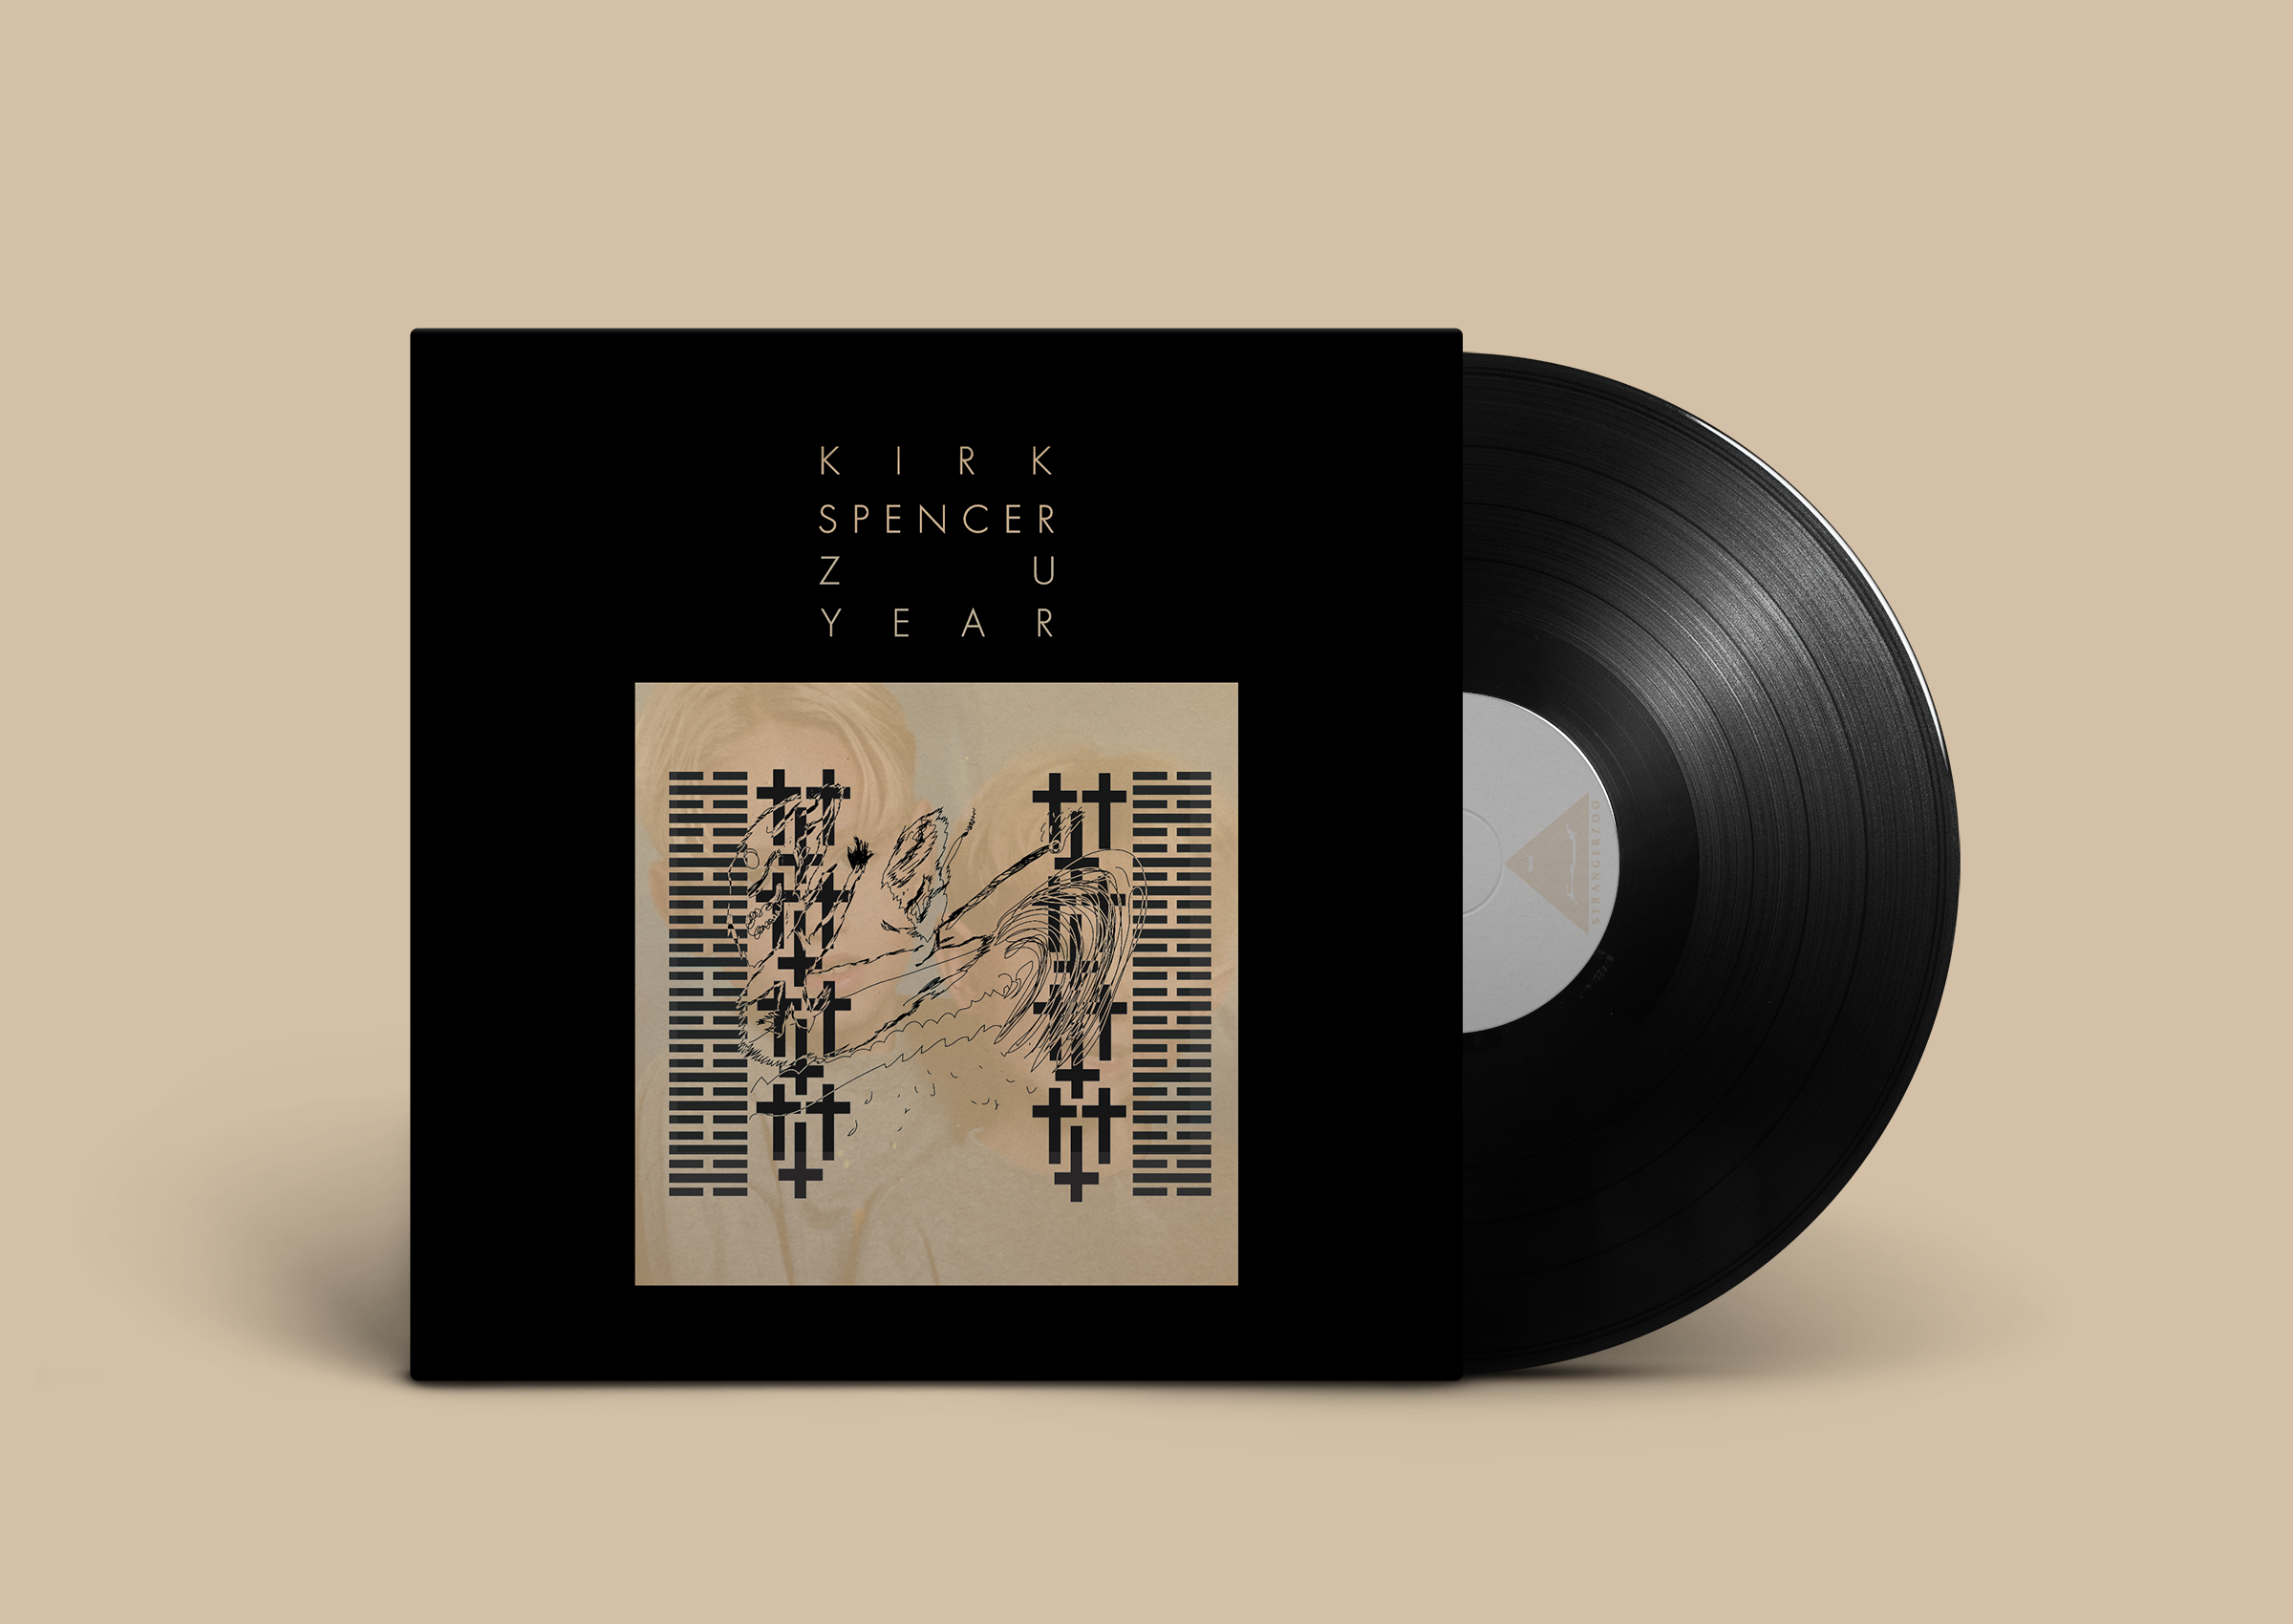 Zu Year Vinyl - Kirk Spencer